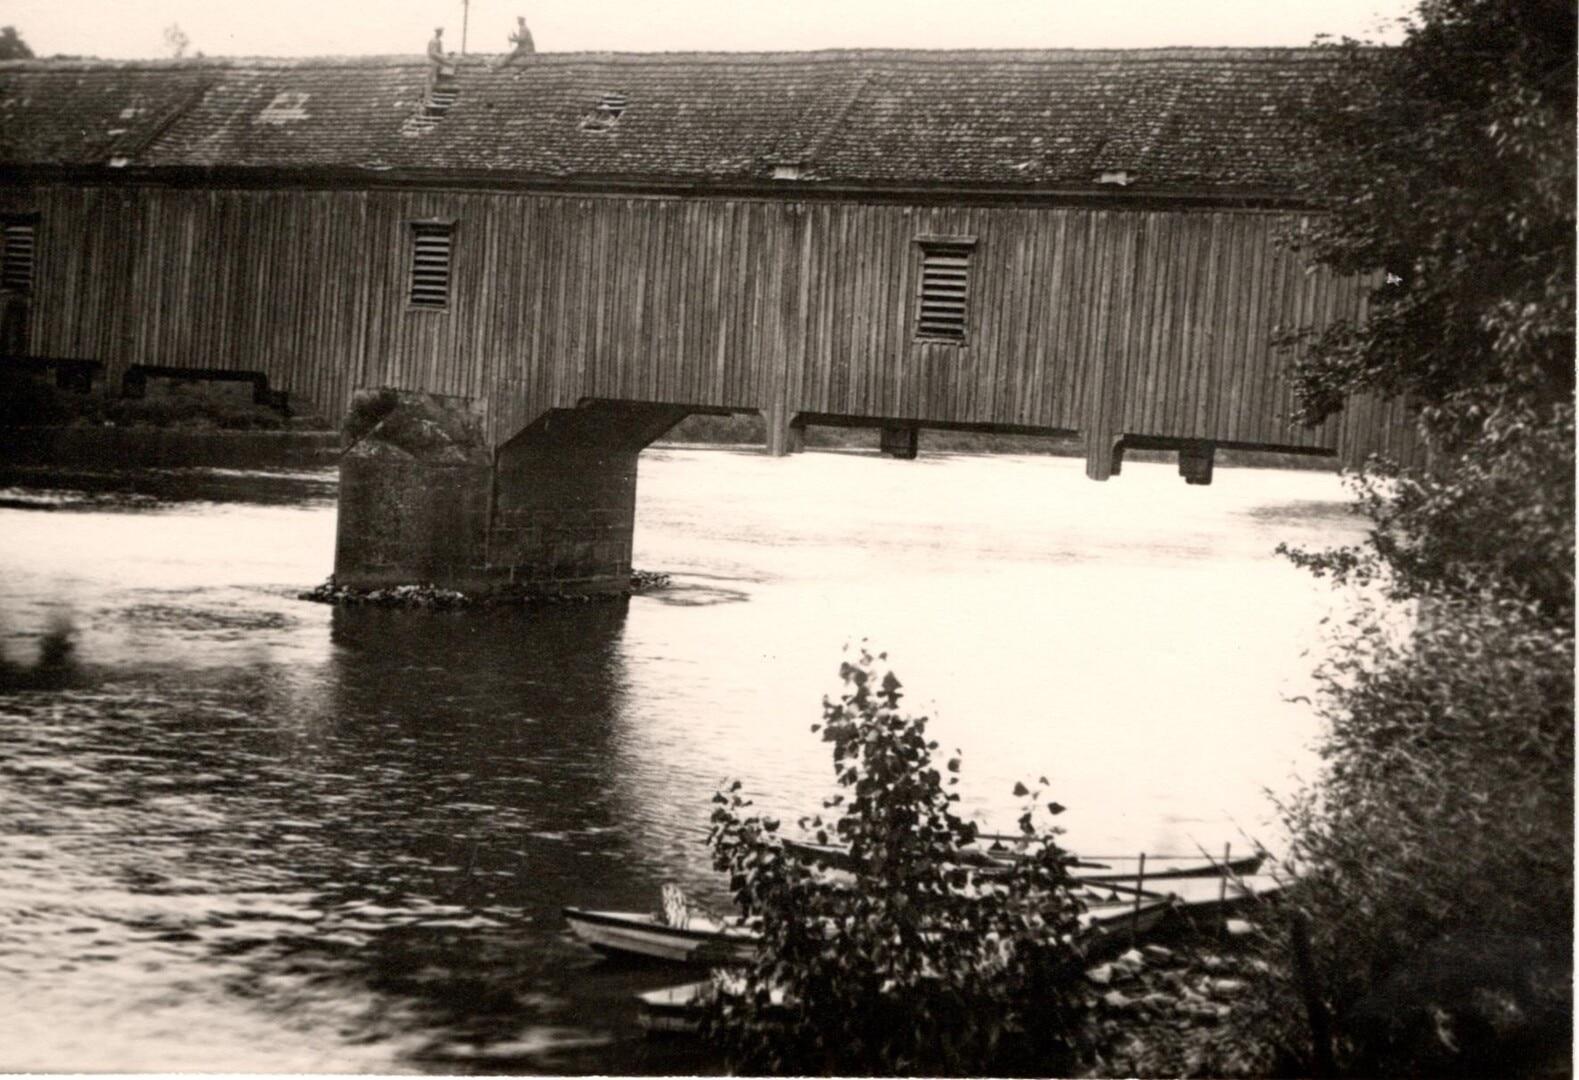 Alte Brücke_Seitenansicht.jpeg